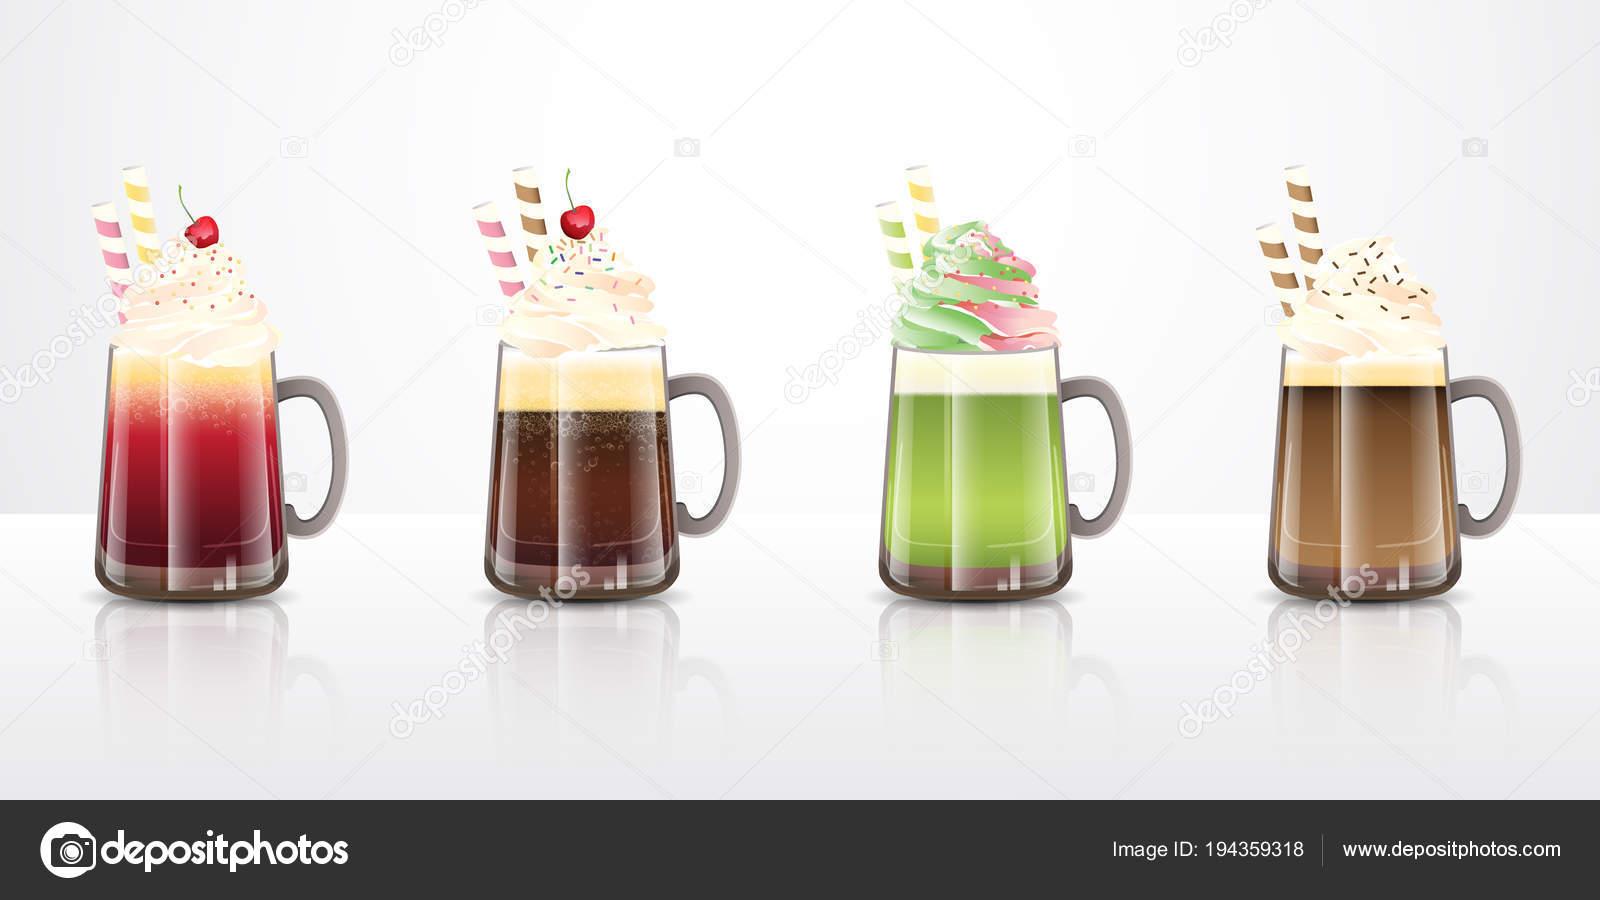 Sammlung Von Eis Schwimmer Getränke Rezepte Klarem Glas Tassen Ideen ...